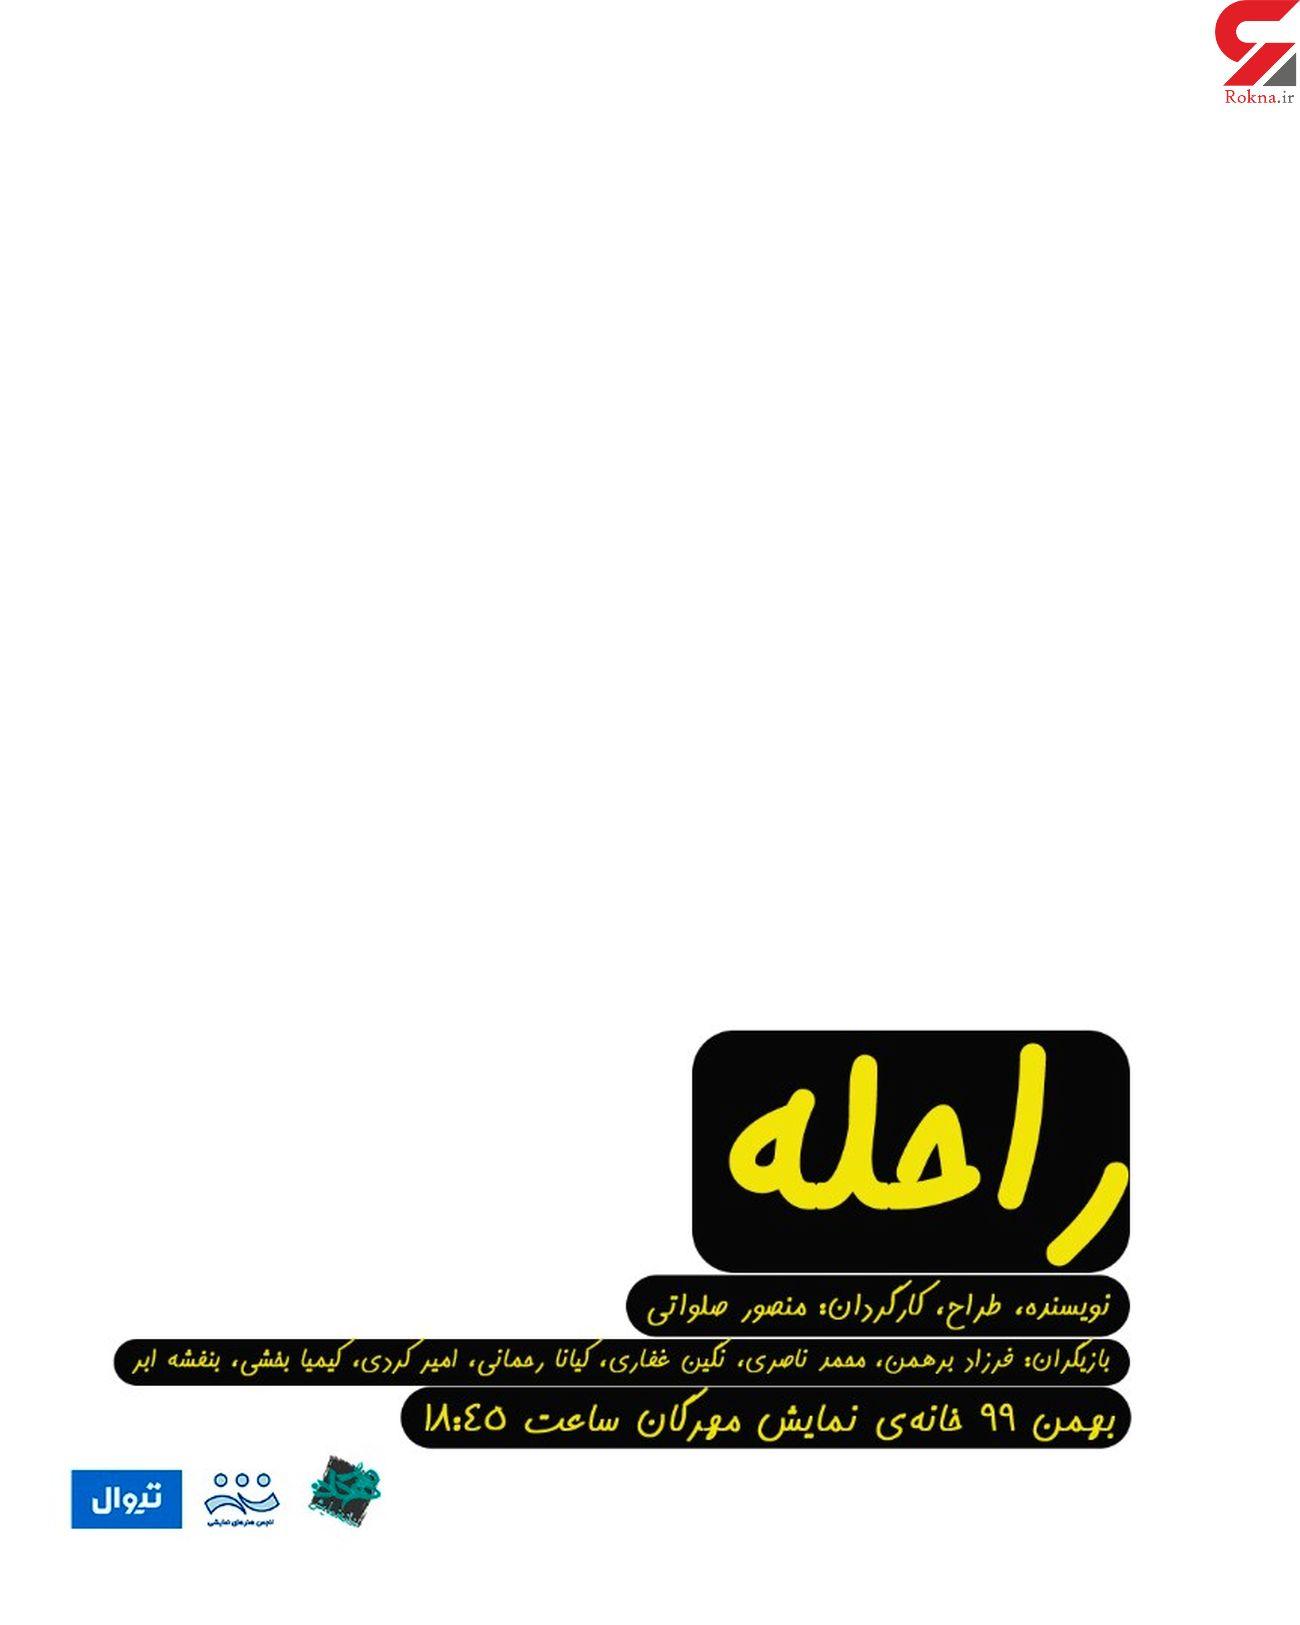 همزمان با بازگشایی سایت بلیتفروشی، از پوستر نمایش «راحله» رونمایی شد